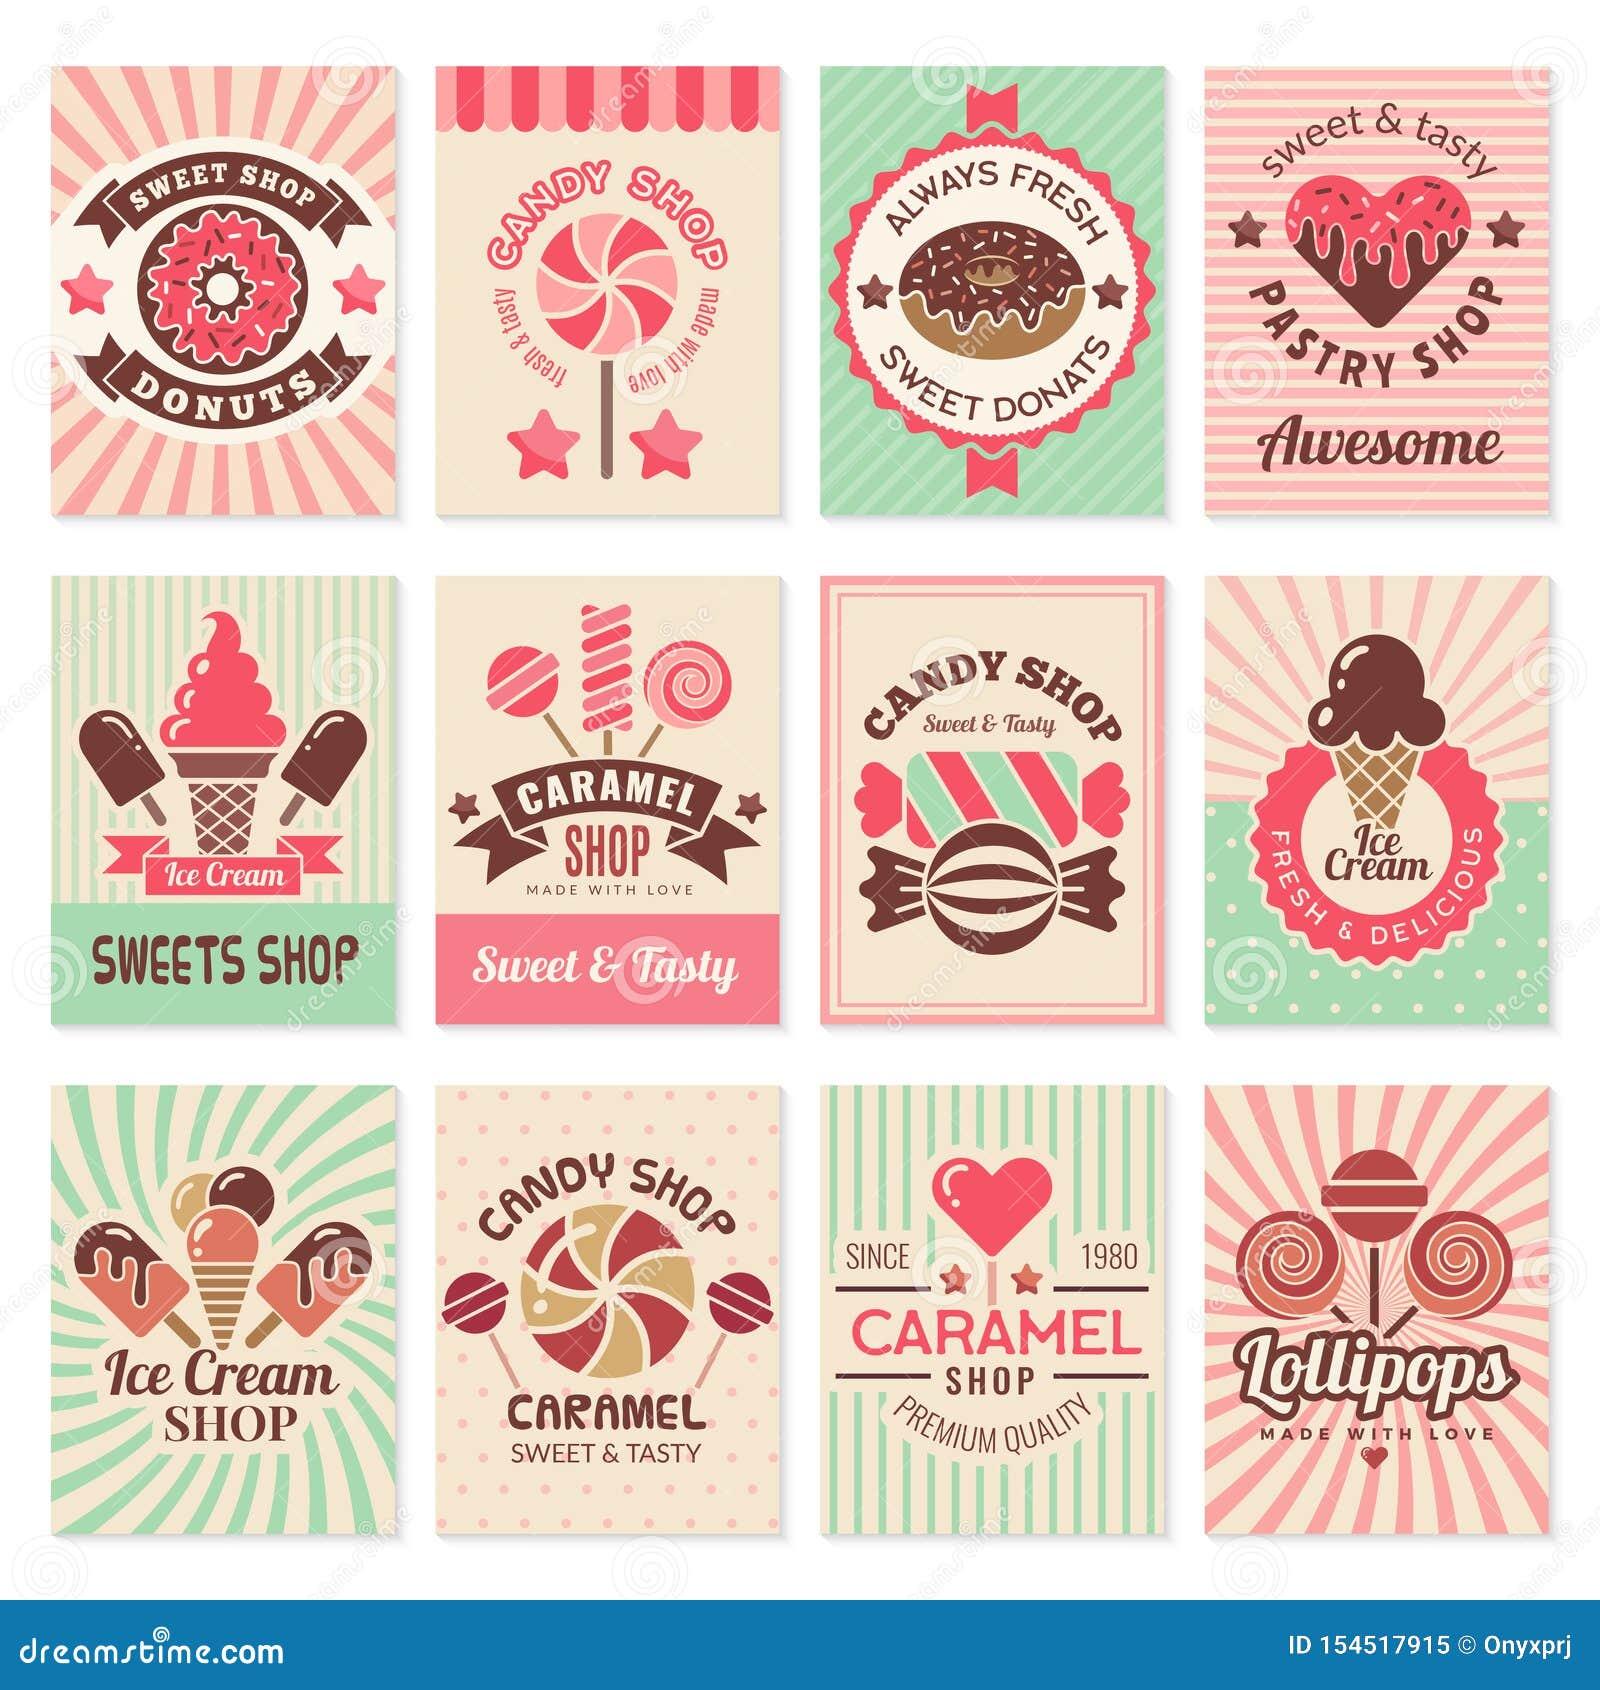 Κάρτες καταστημάτων καραμελών Γλυκά σύμβολα βιομηχανιών ζαχαρωδών προϊόντων επιδορπίων τροφίμων για τη διανυσματική συλλογή ιπτάμ